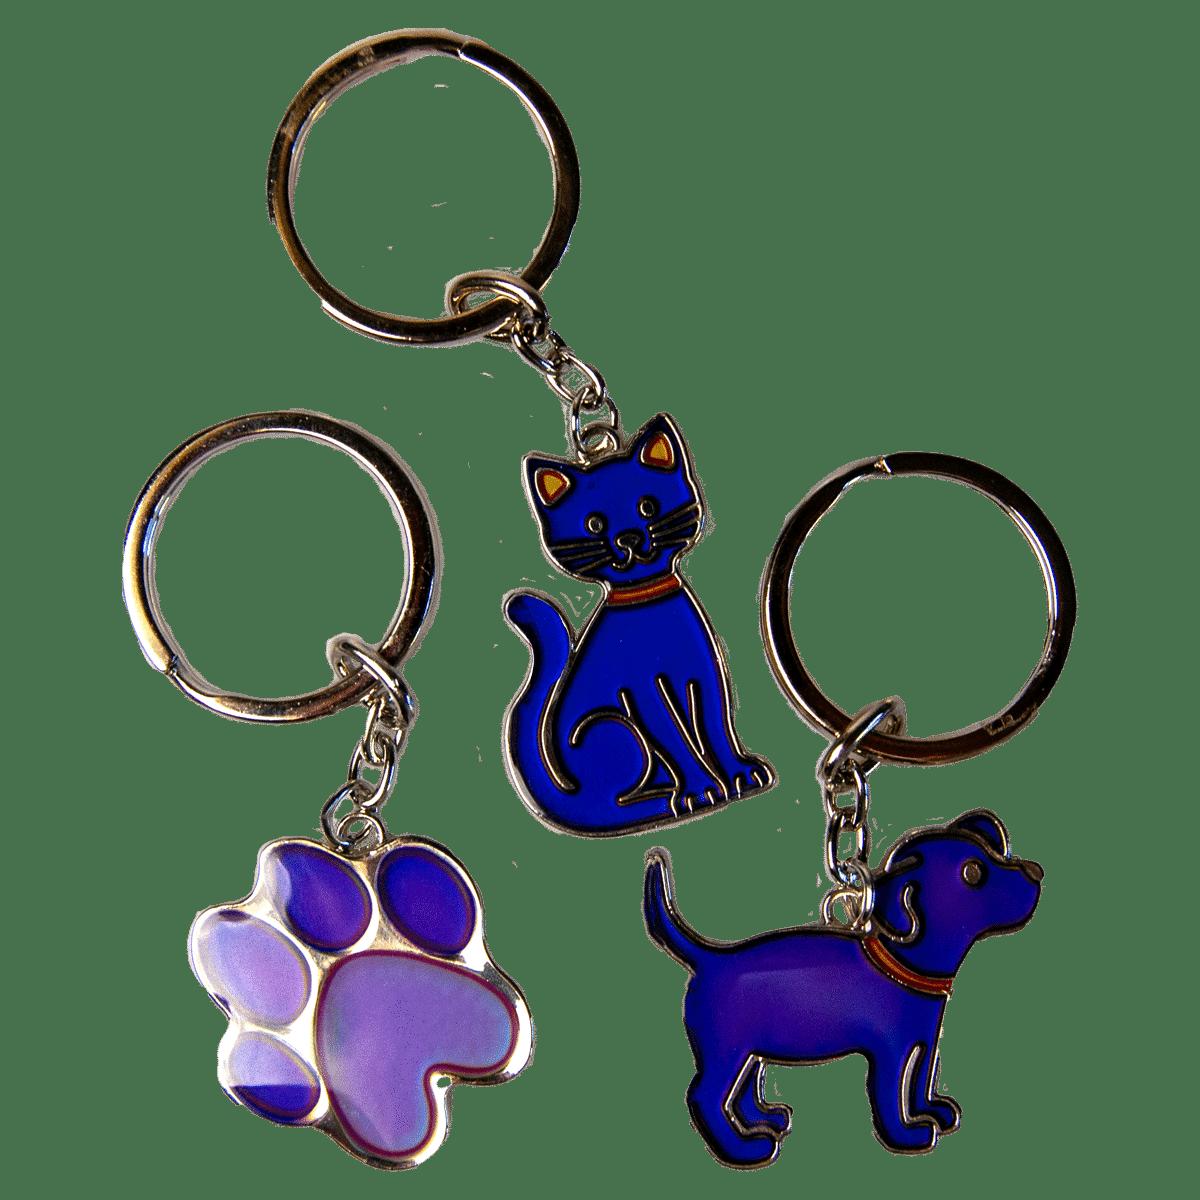 Gulliga nyckelringar med djur som visar dina känslor